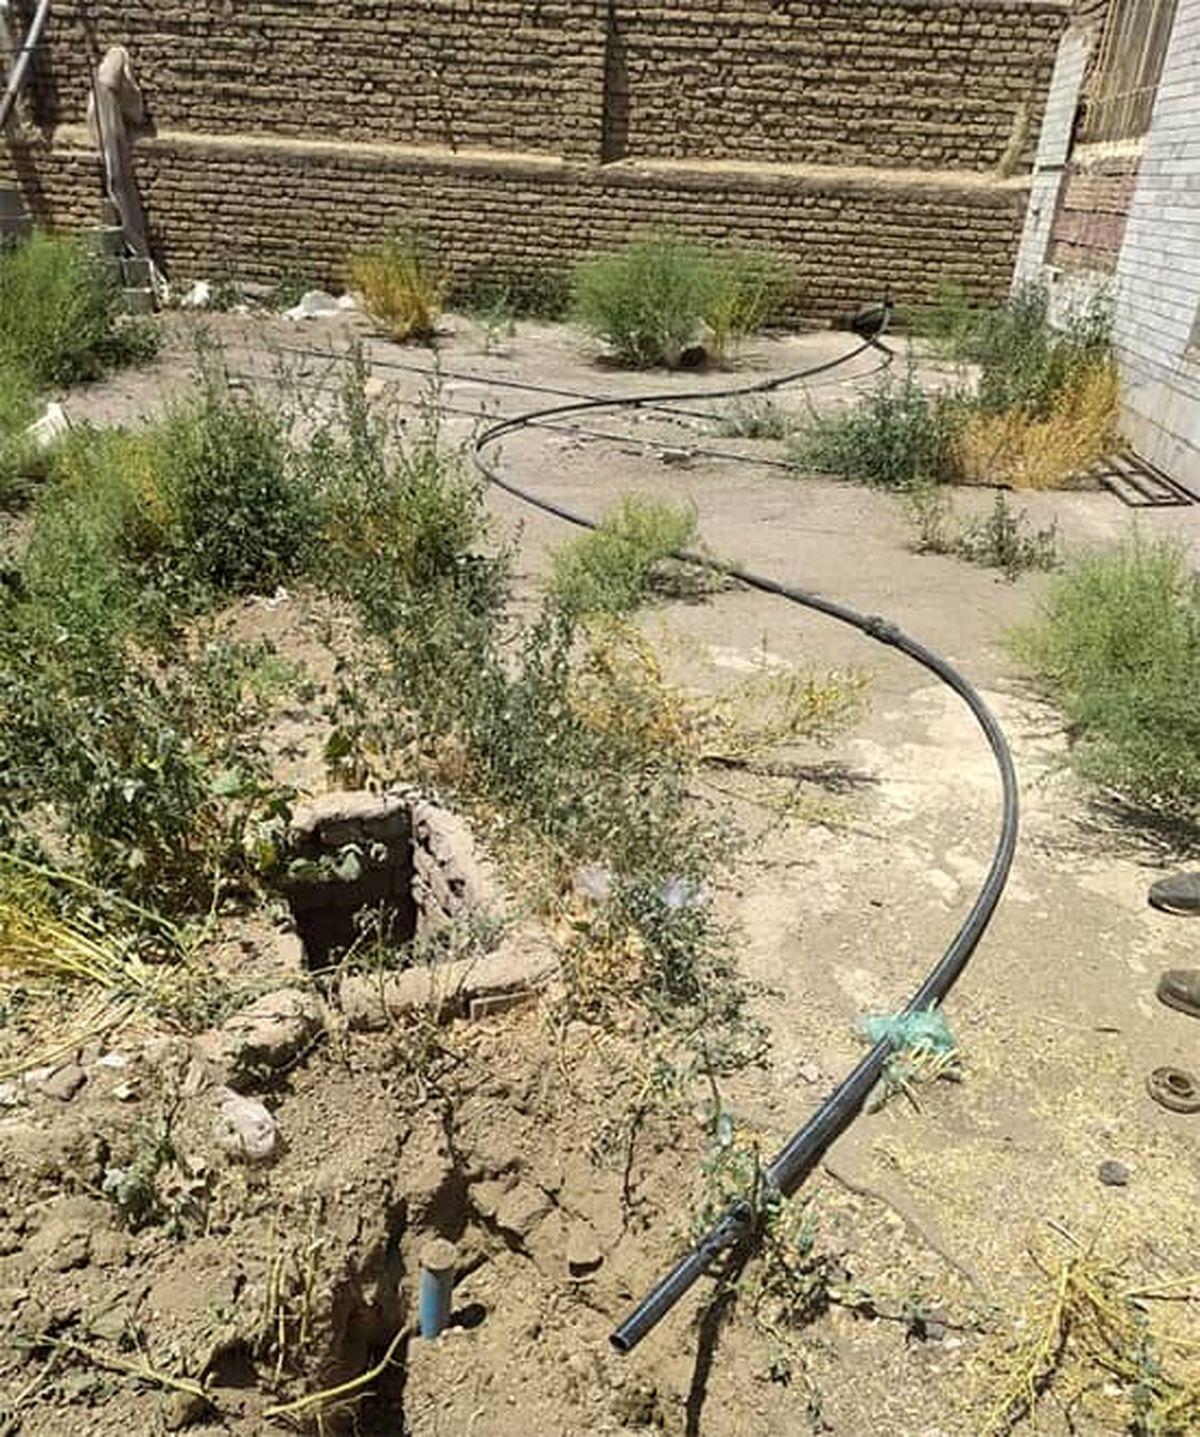 شناسایی و قطع انشعابات غیر مجاز در روستاهای شهرستان خوی